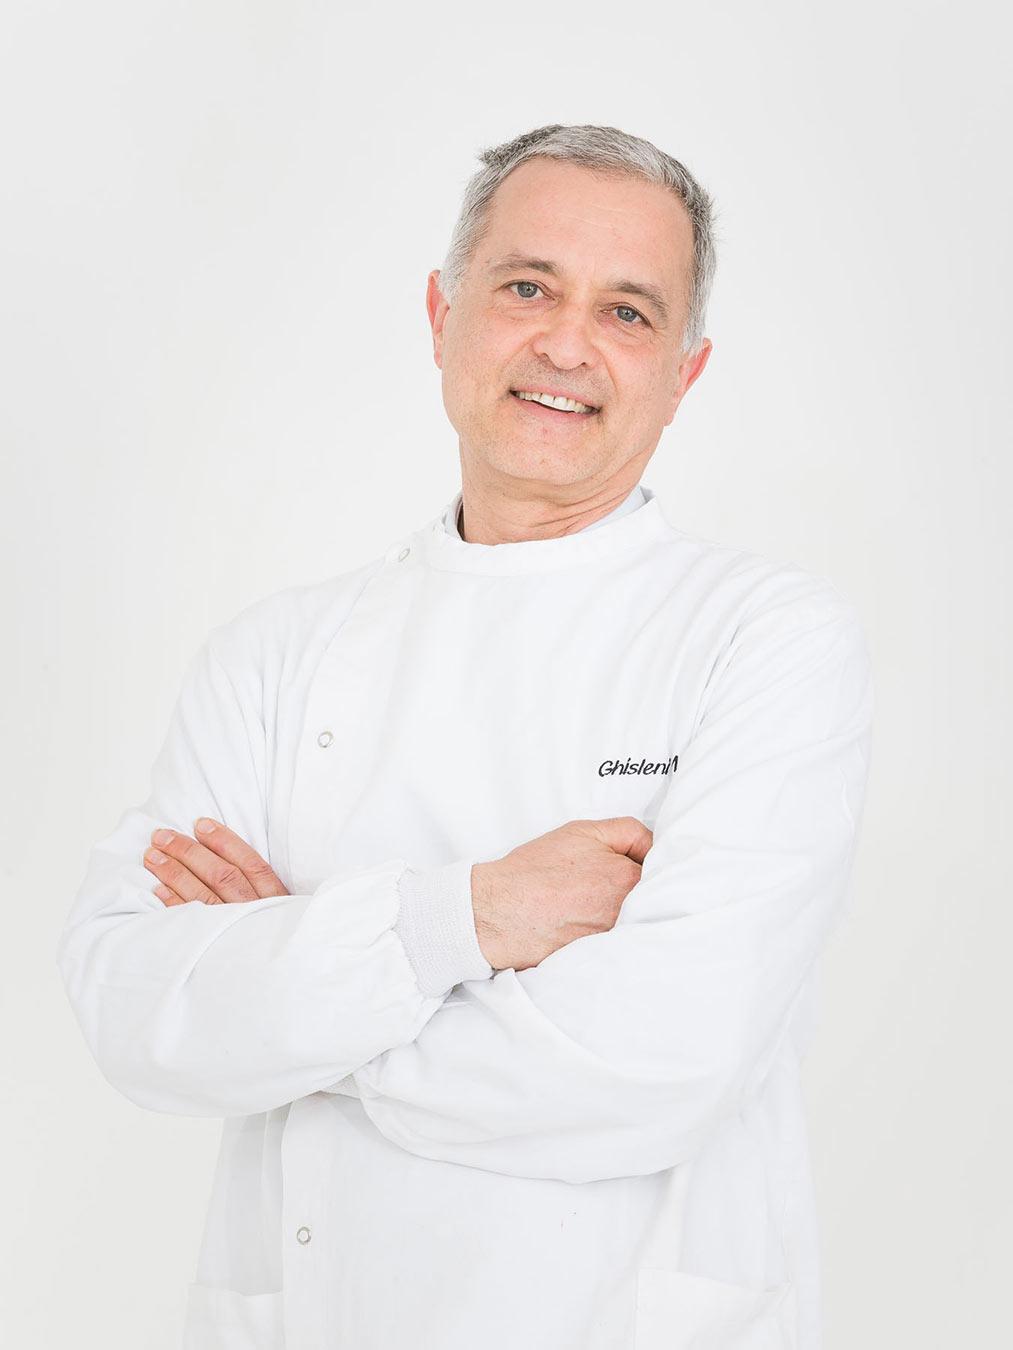 Marco Ghisleni